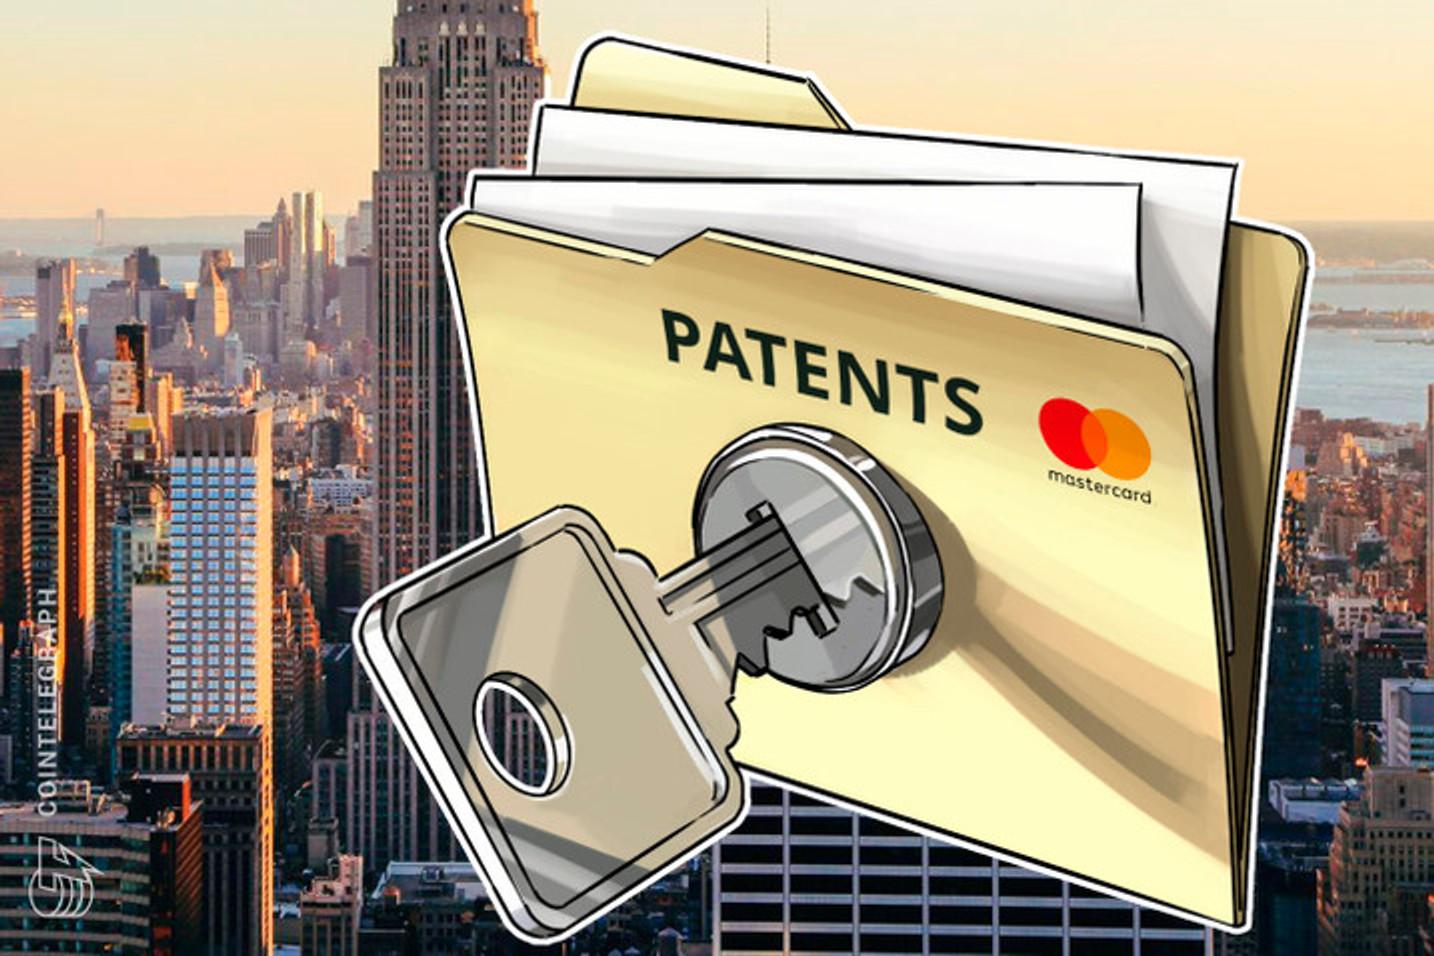 Ejecutivo de Mastercard en Latam afirma que tienen patentes aprobadas para tecnología de monedas digitales